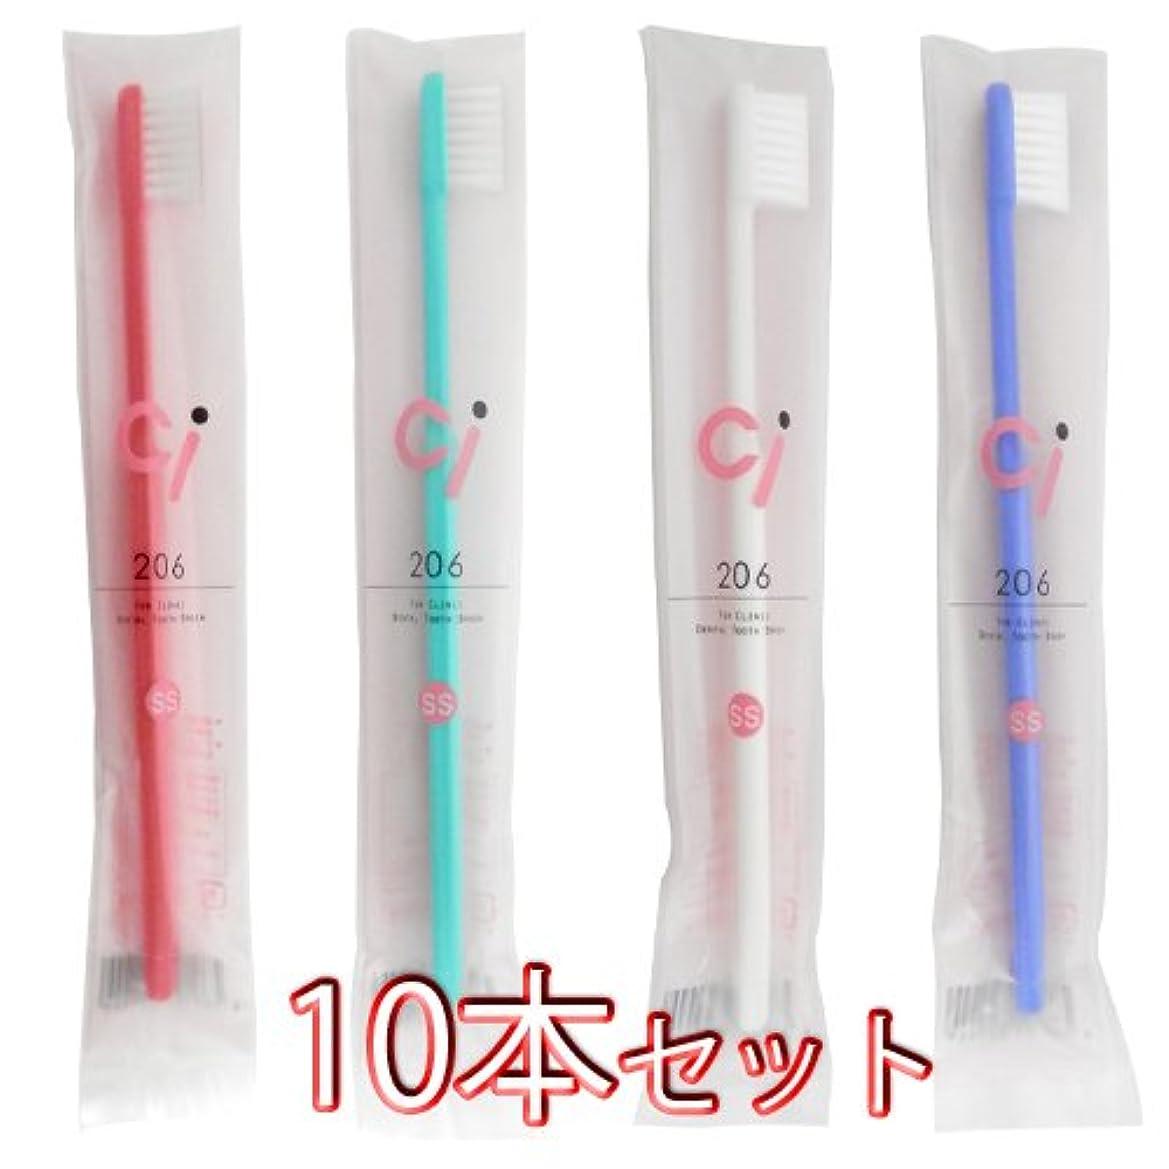 エイズネイティブ省略Ciメディカル 歯ブラシ コンパクトヘッド 10本セット Ci206 (超やわらかめ)